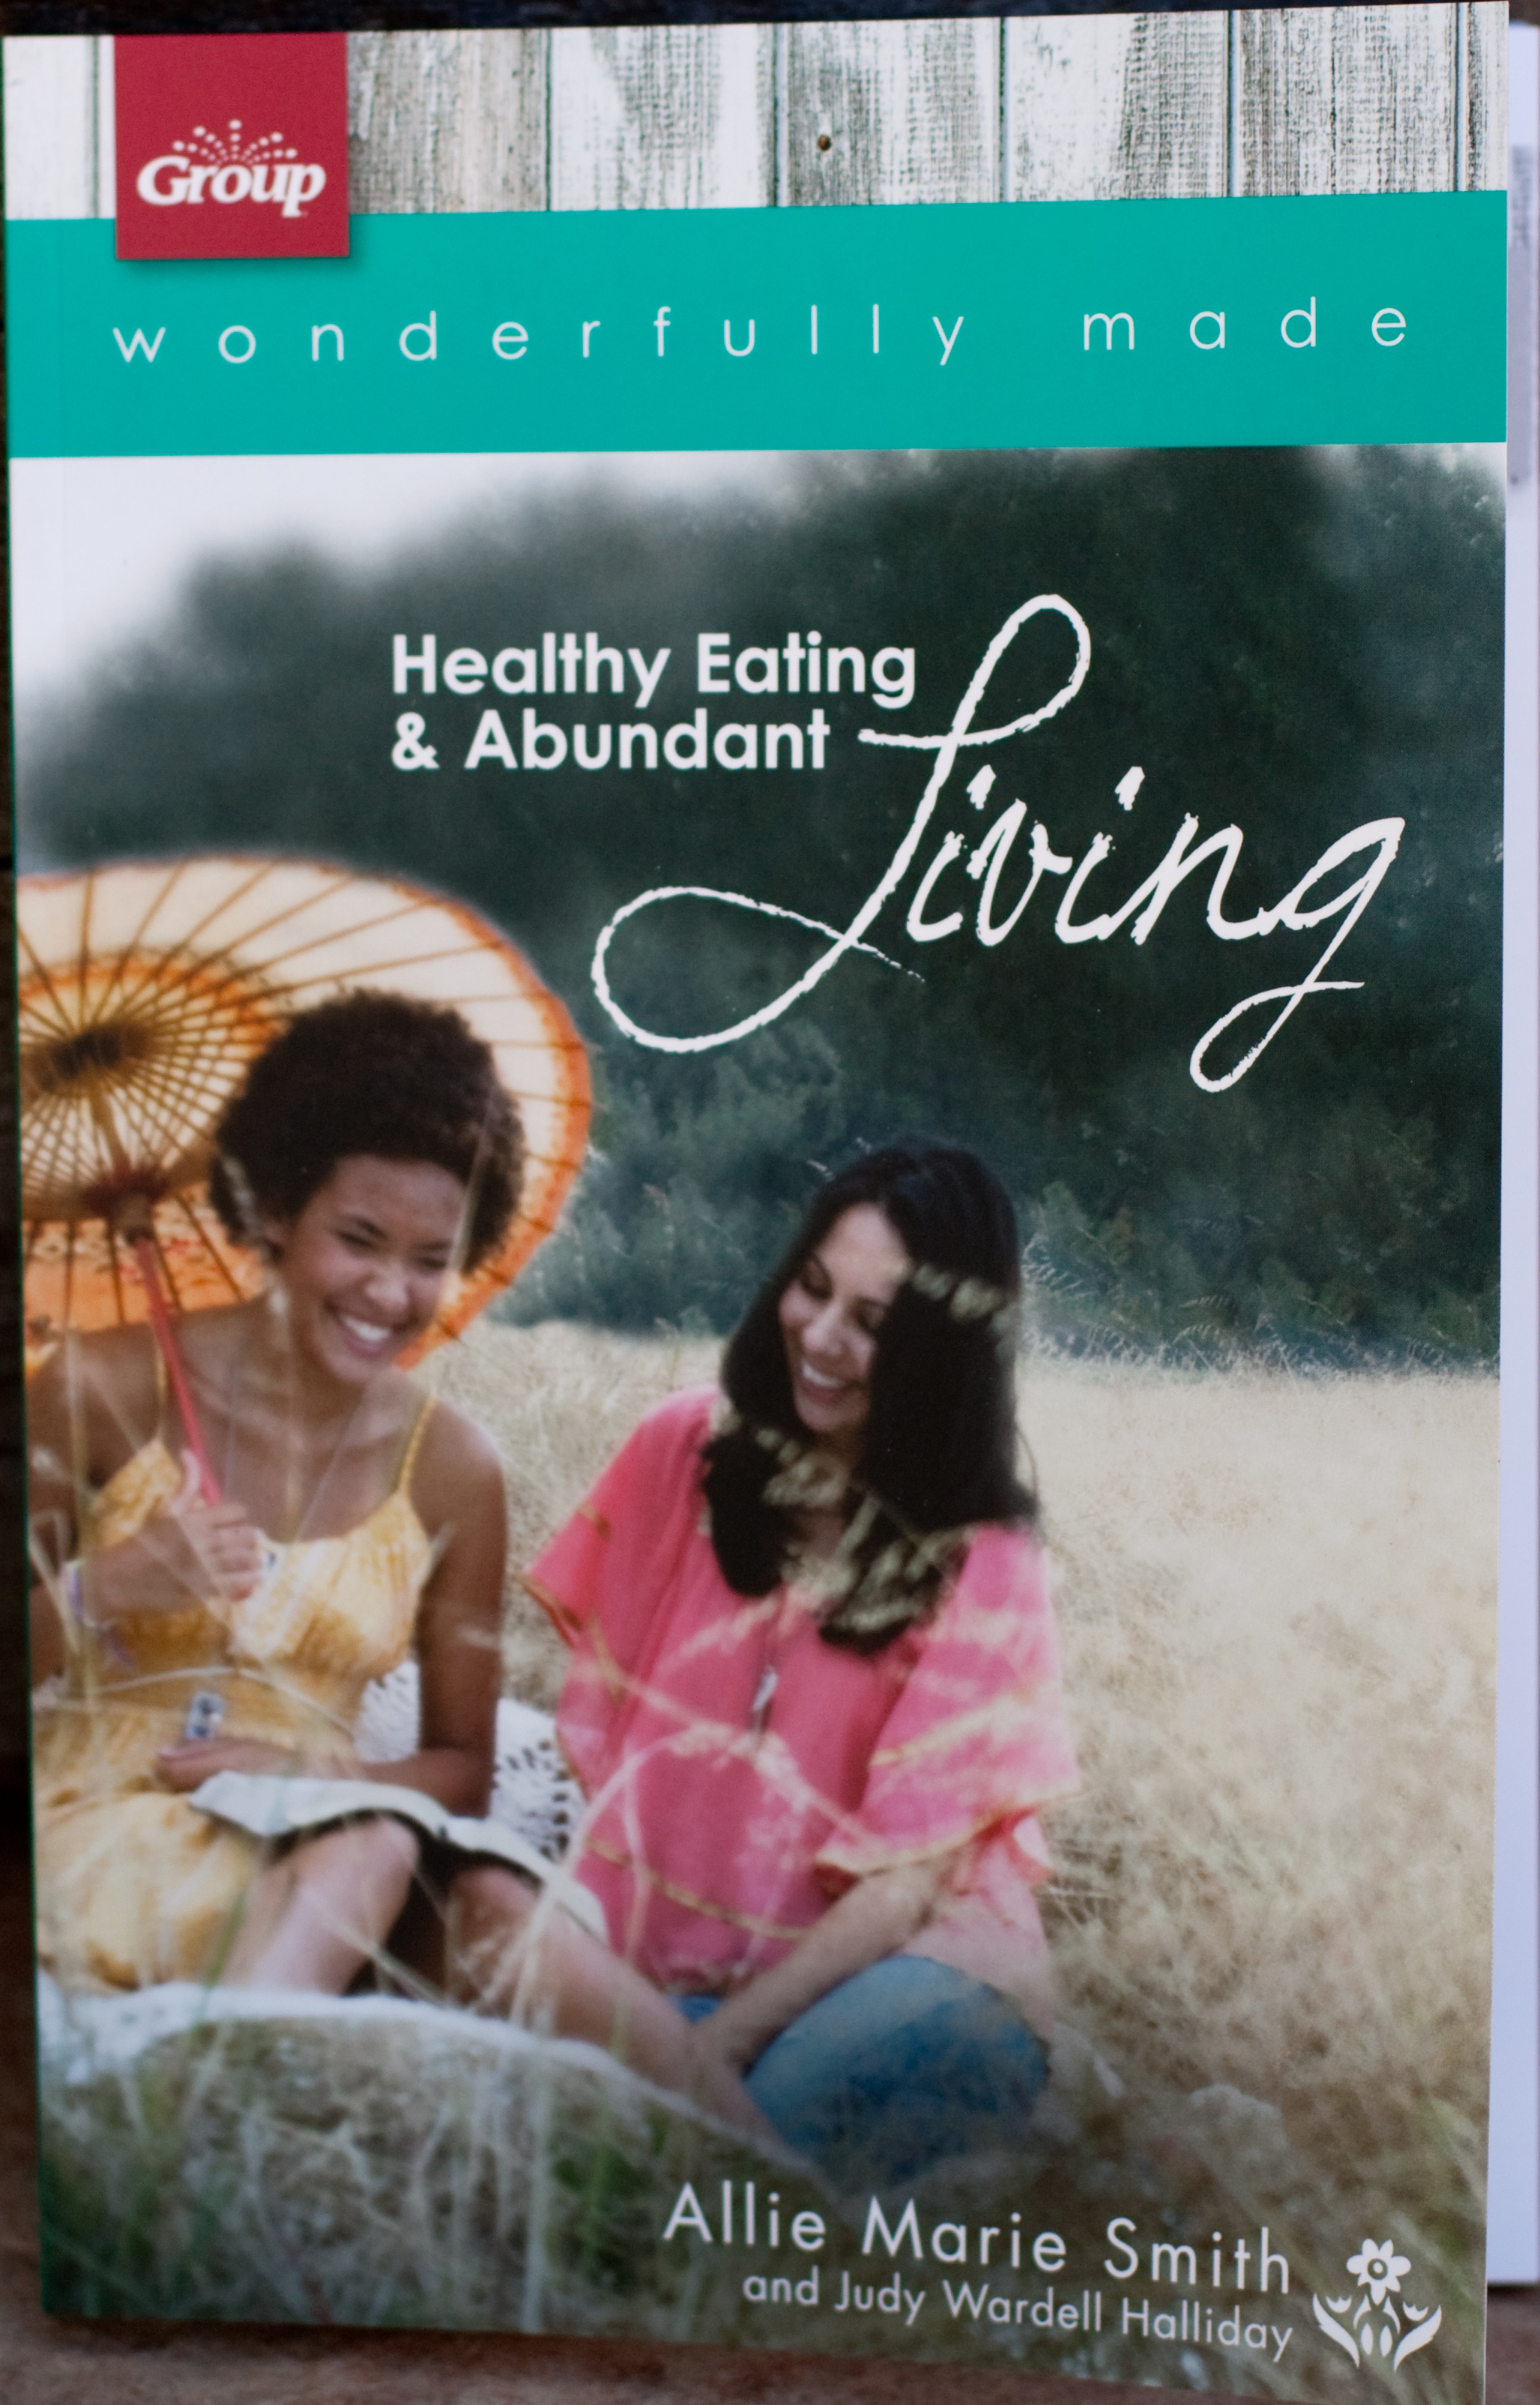 HealthyEating copy.jpg